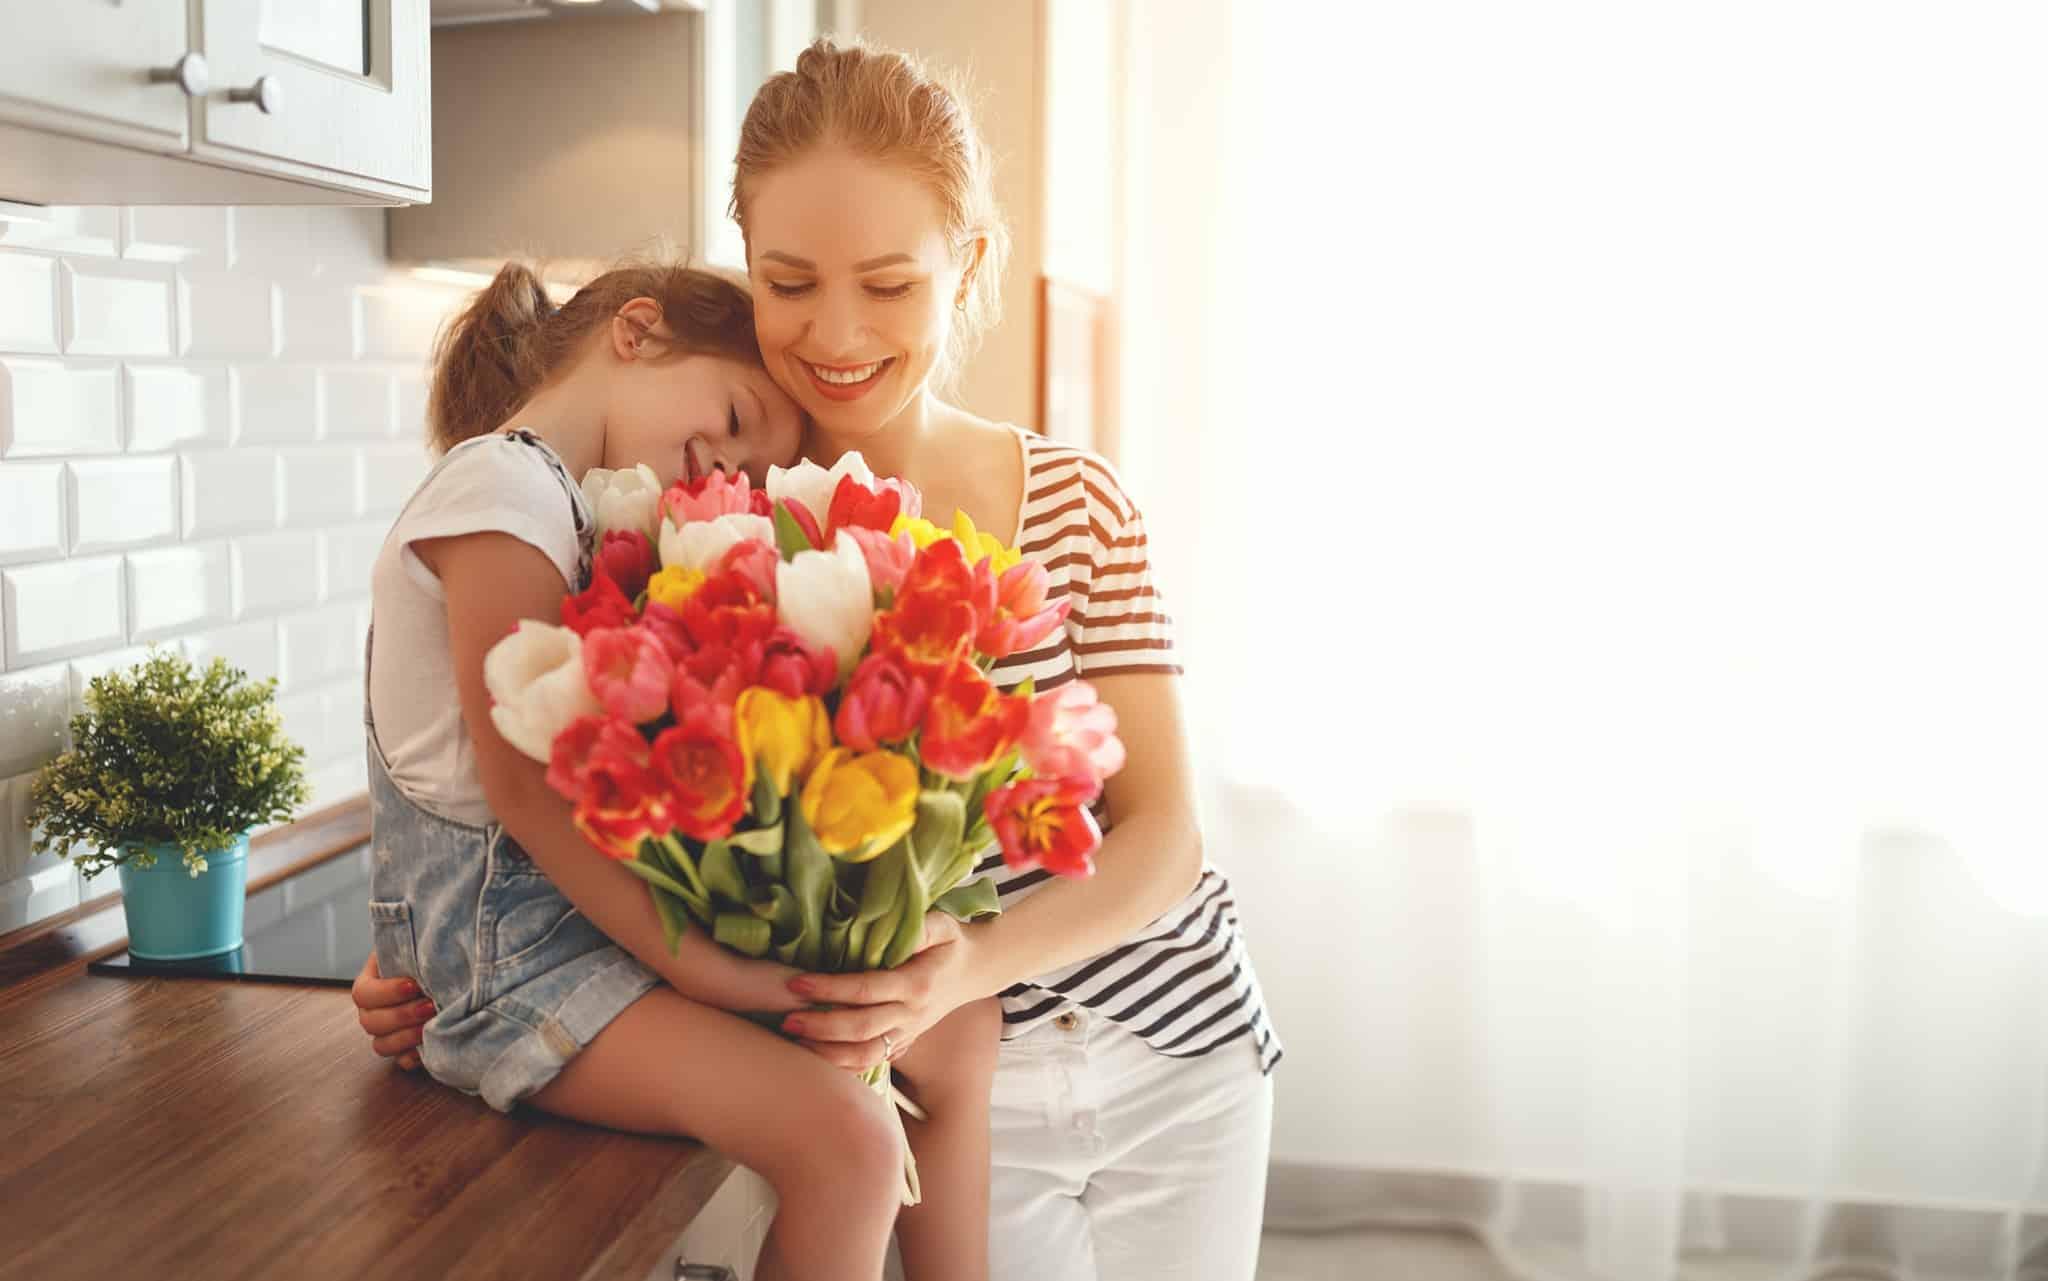 Откуда появился День Матери и когда будет в 2020 году? История и традиции